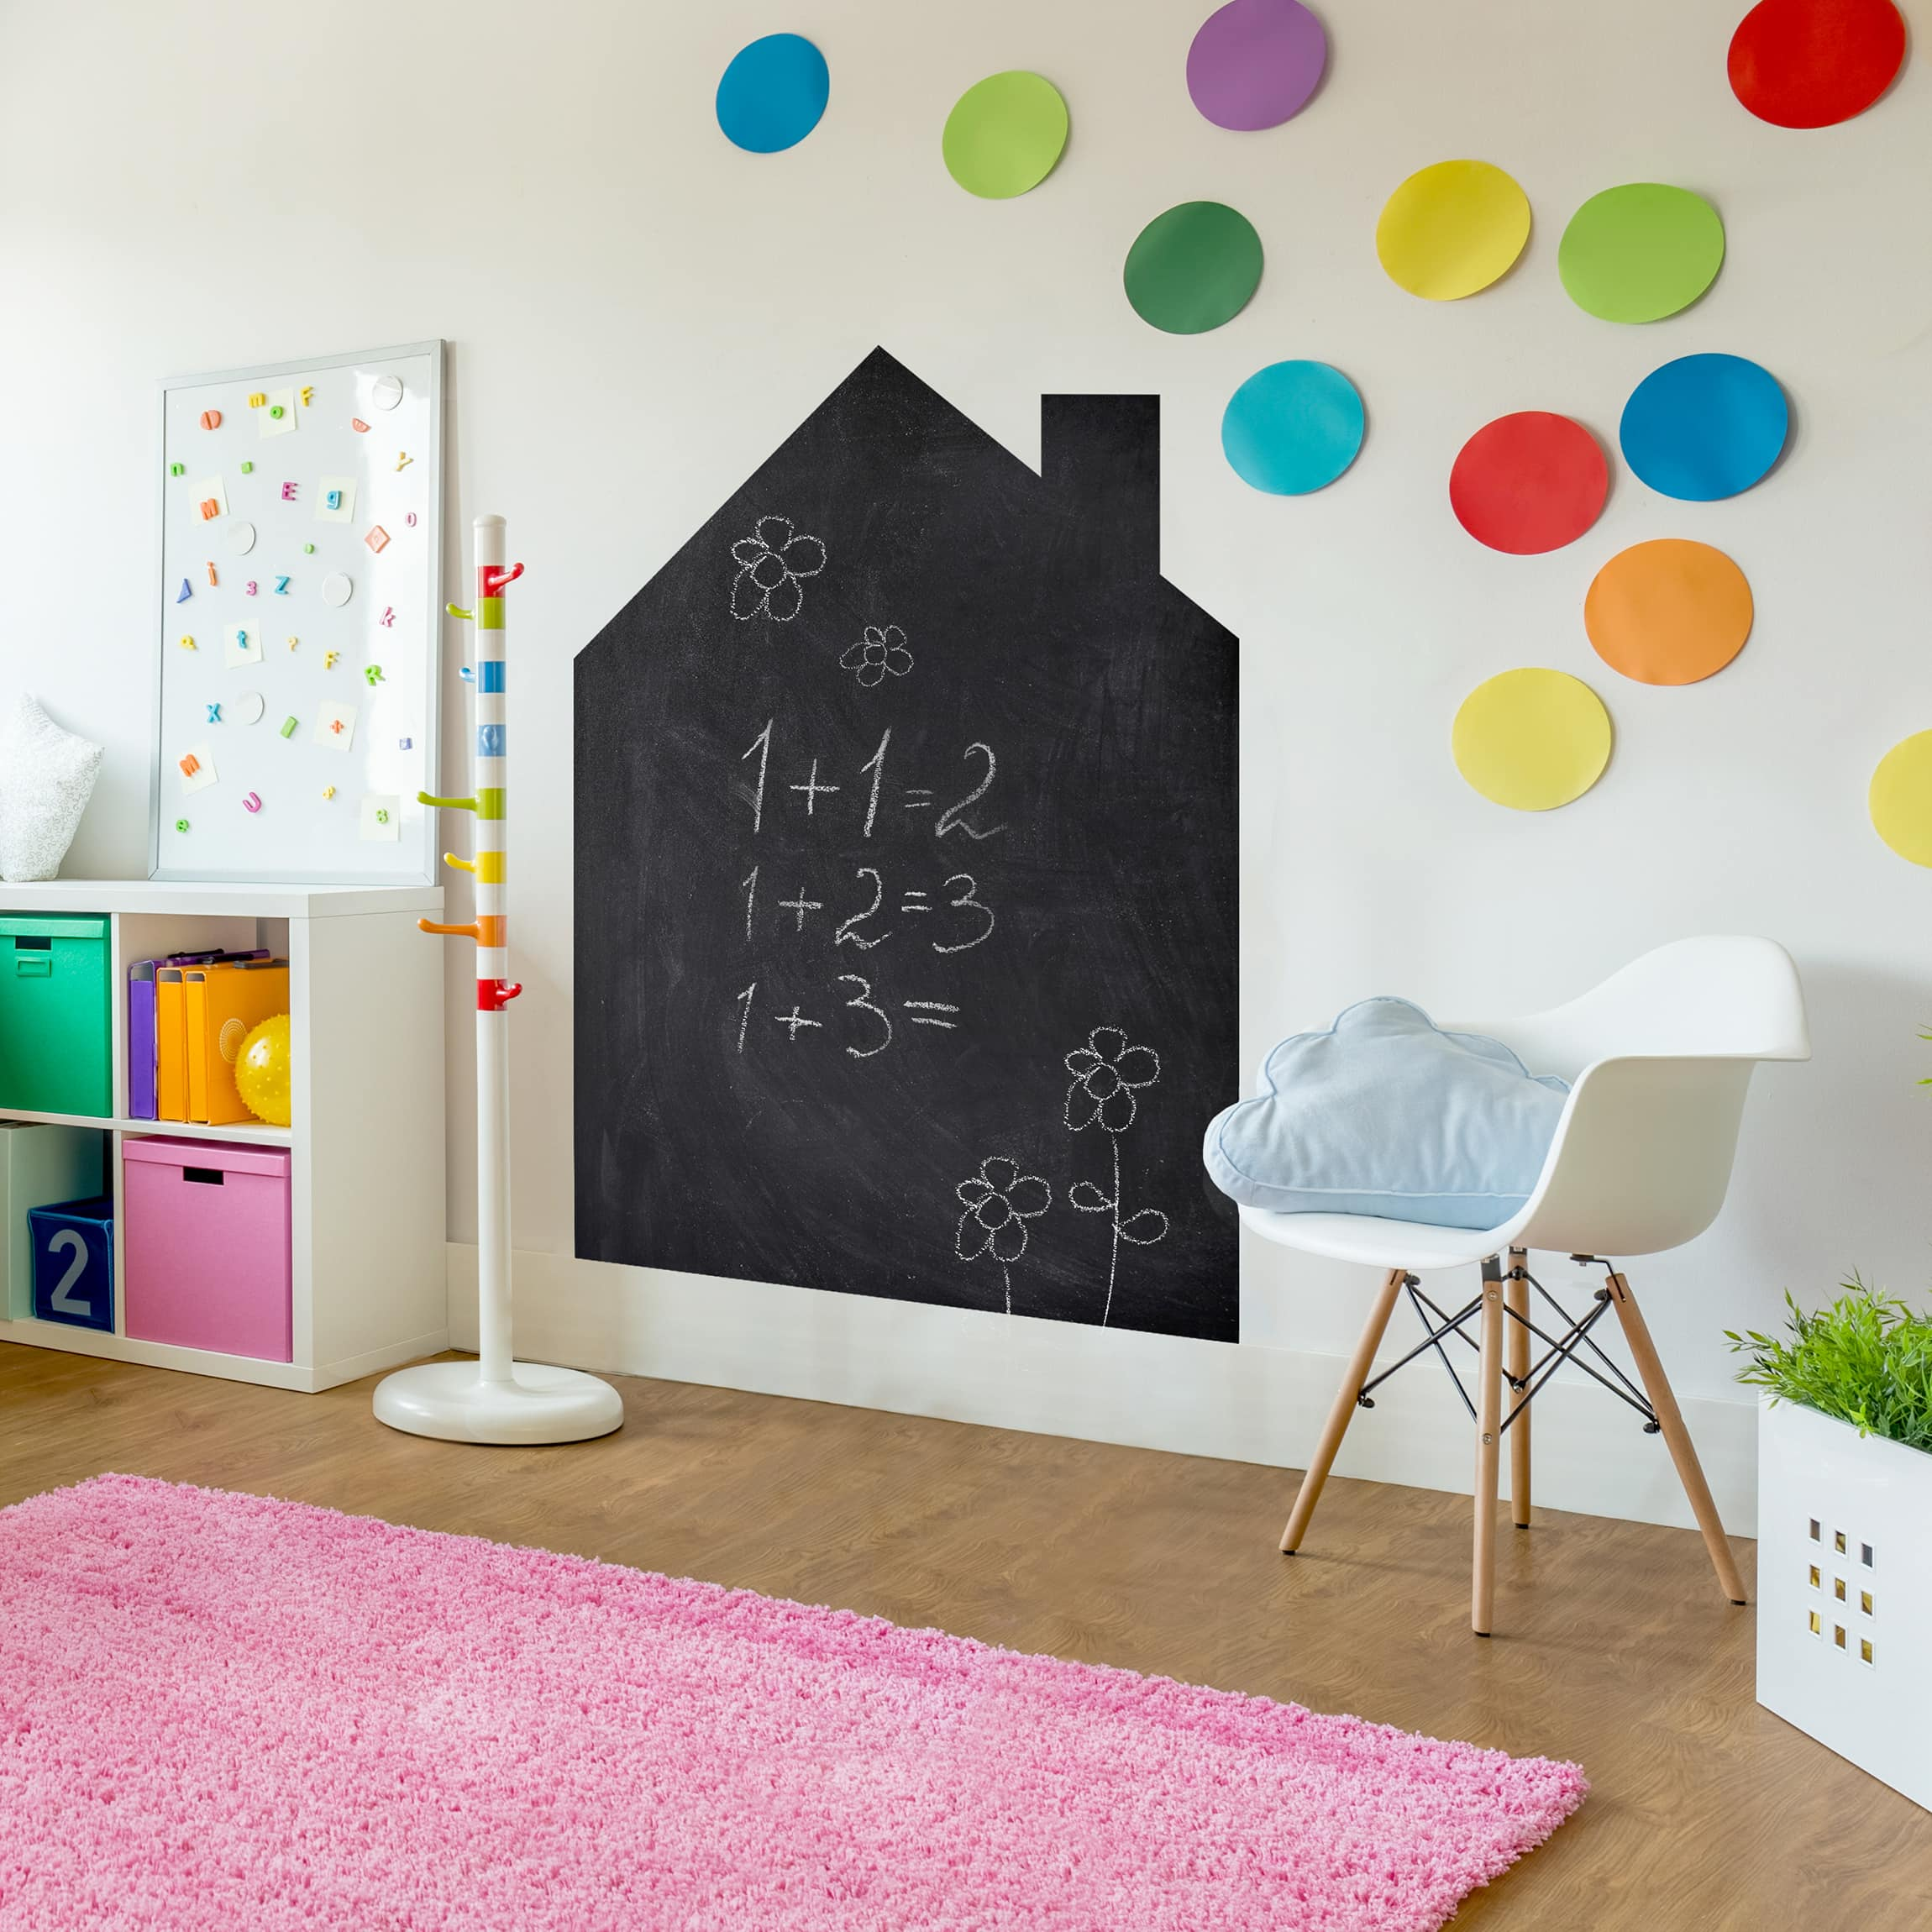 Tafelfolie selbstklebend - Wandttafel Kinderzimmer - DIY Tafel ...